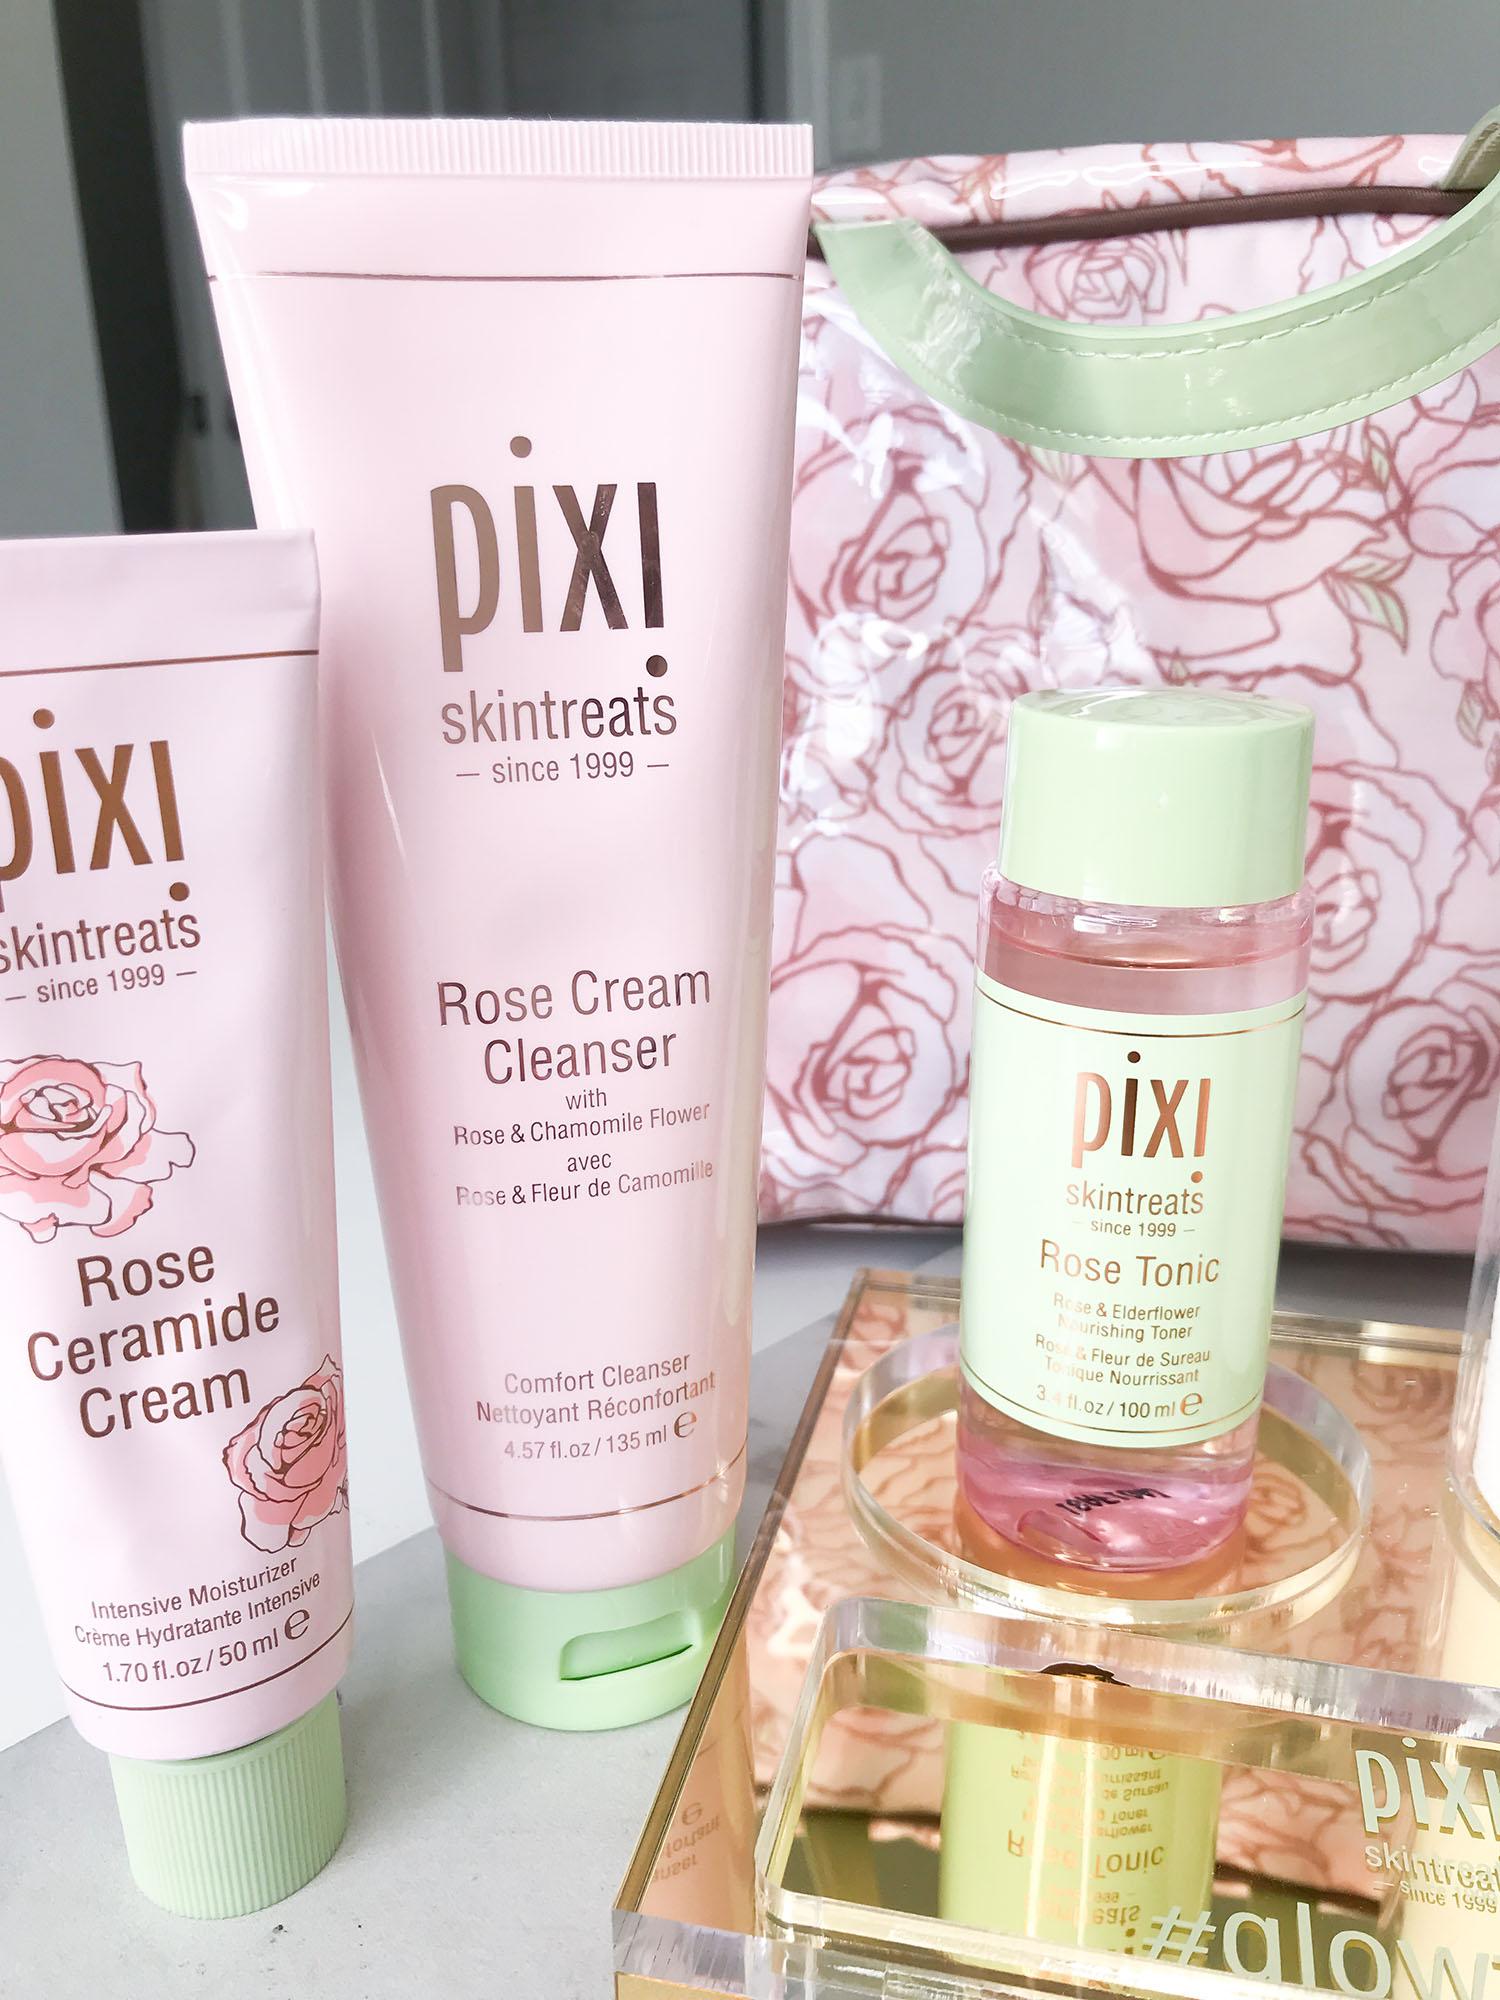 pixi skintreats rose cream cleanser and rose ceramide cream and rose tonic